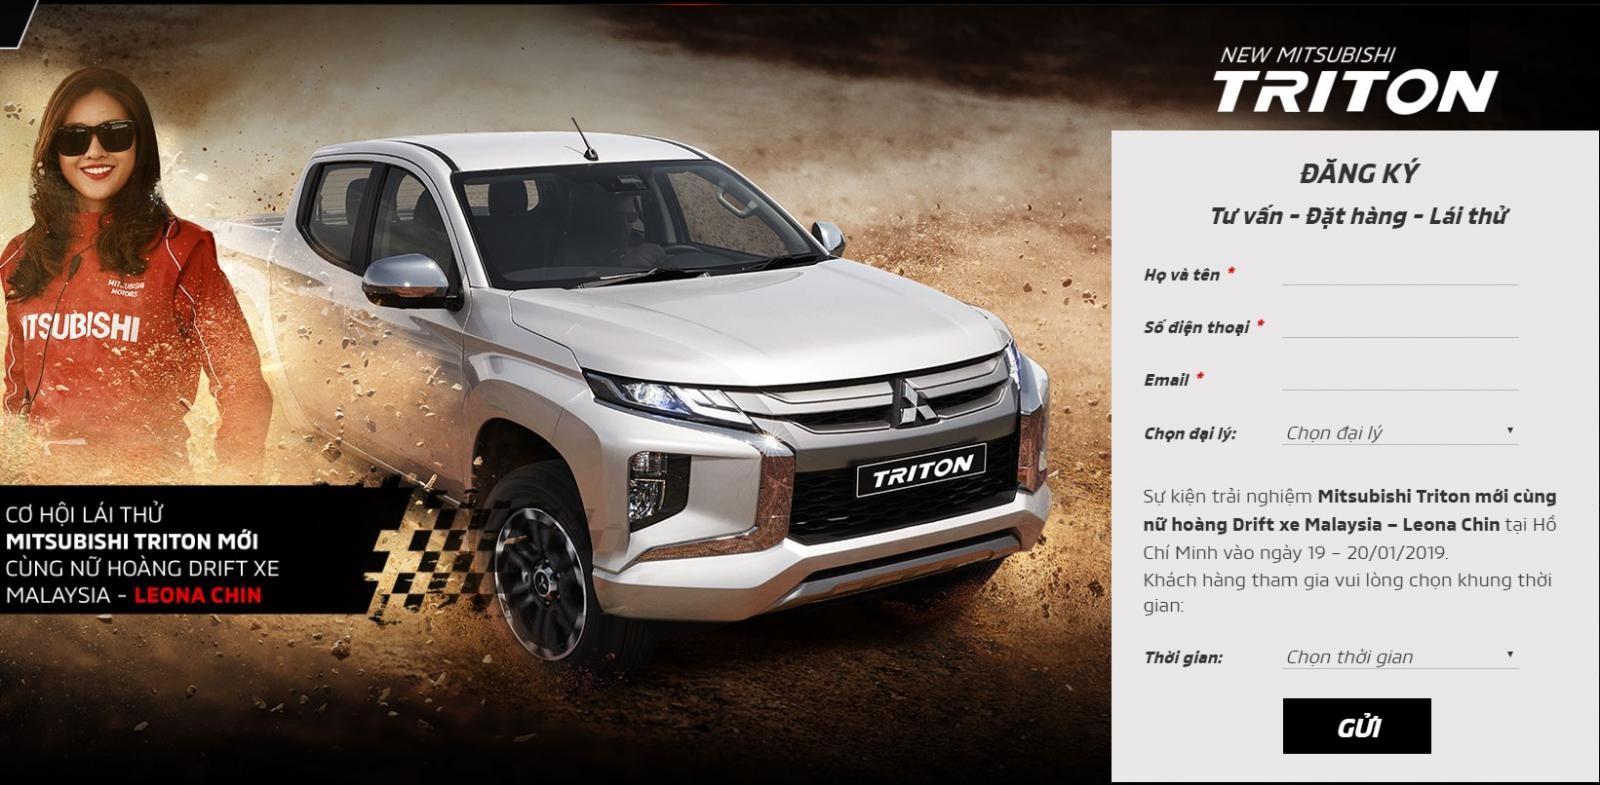 Mitsubishi Việt Nam sẽ tổ chức sự kiện lái thử Triton 2019 tại Tp. Hồ Chí Minh vào tháng sau